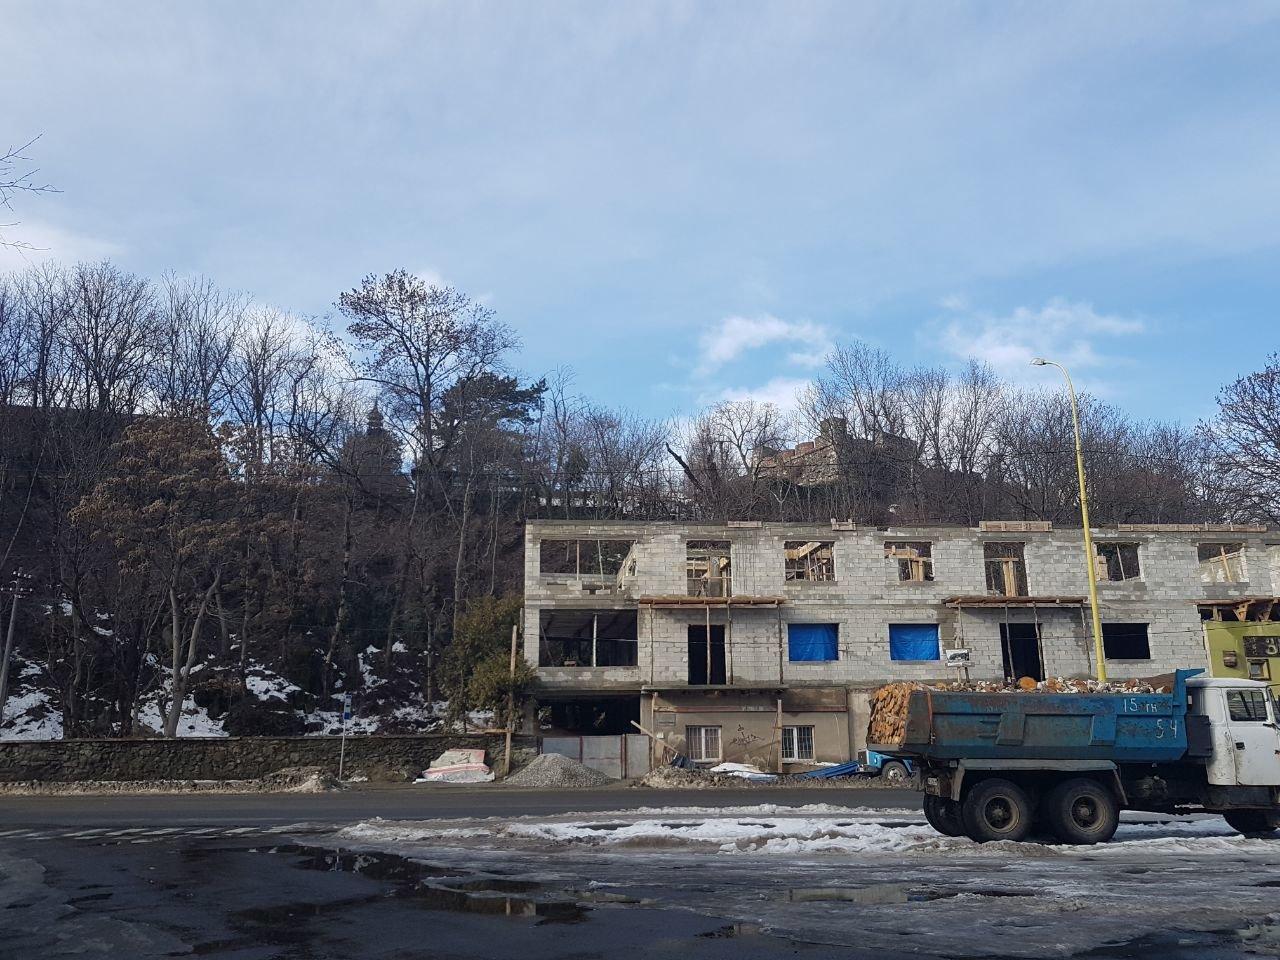 Прокуратура відкрила кримінaльне провaдження через незаконне будівництво на Підградській в Ужгороді, фото-2